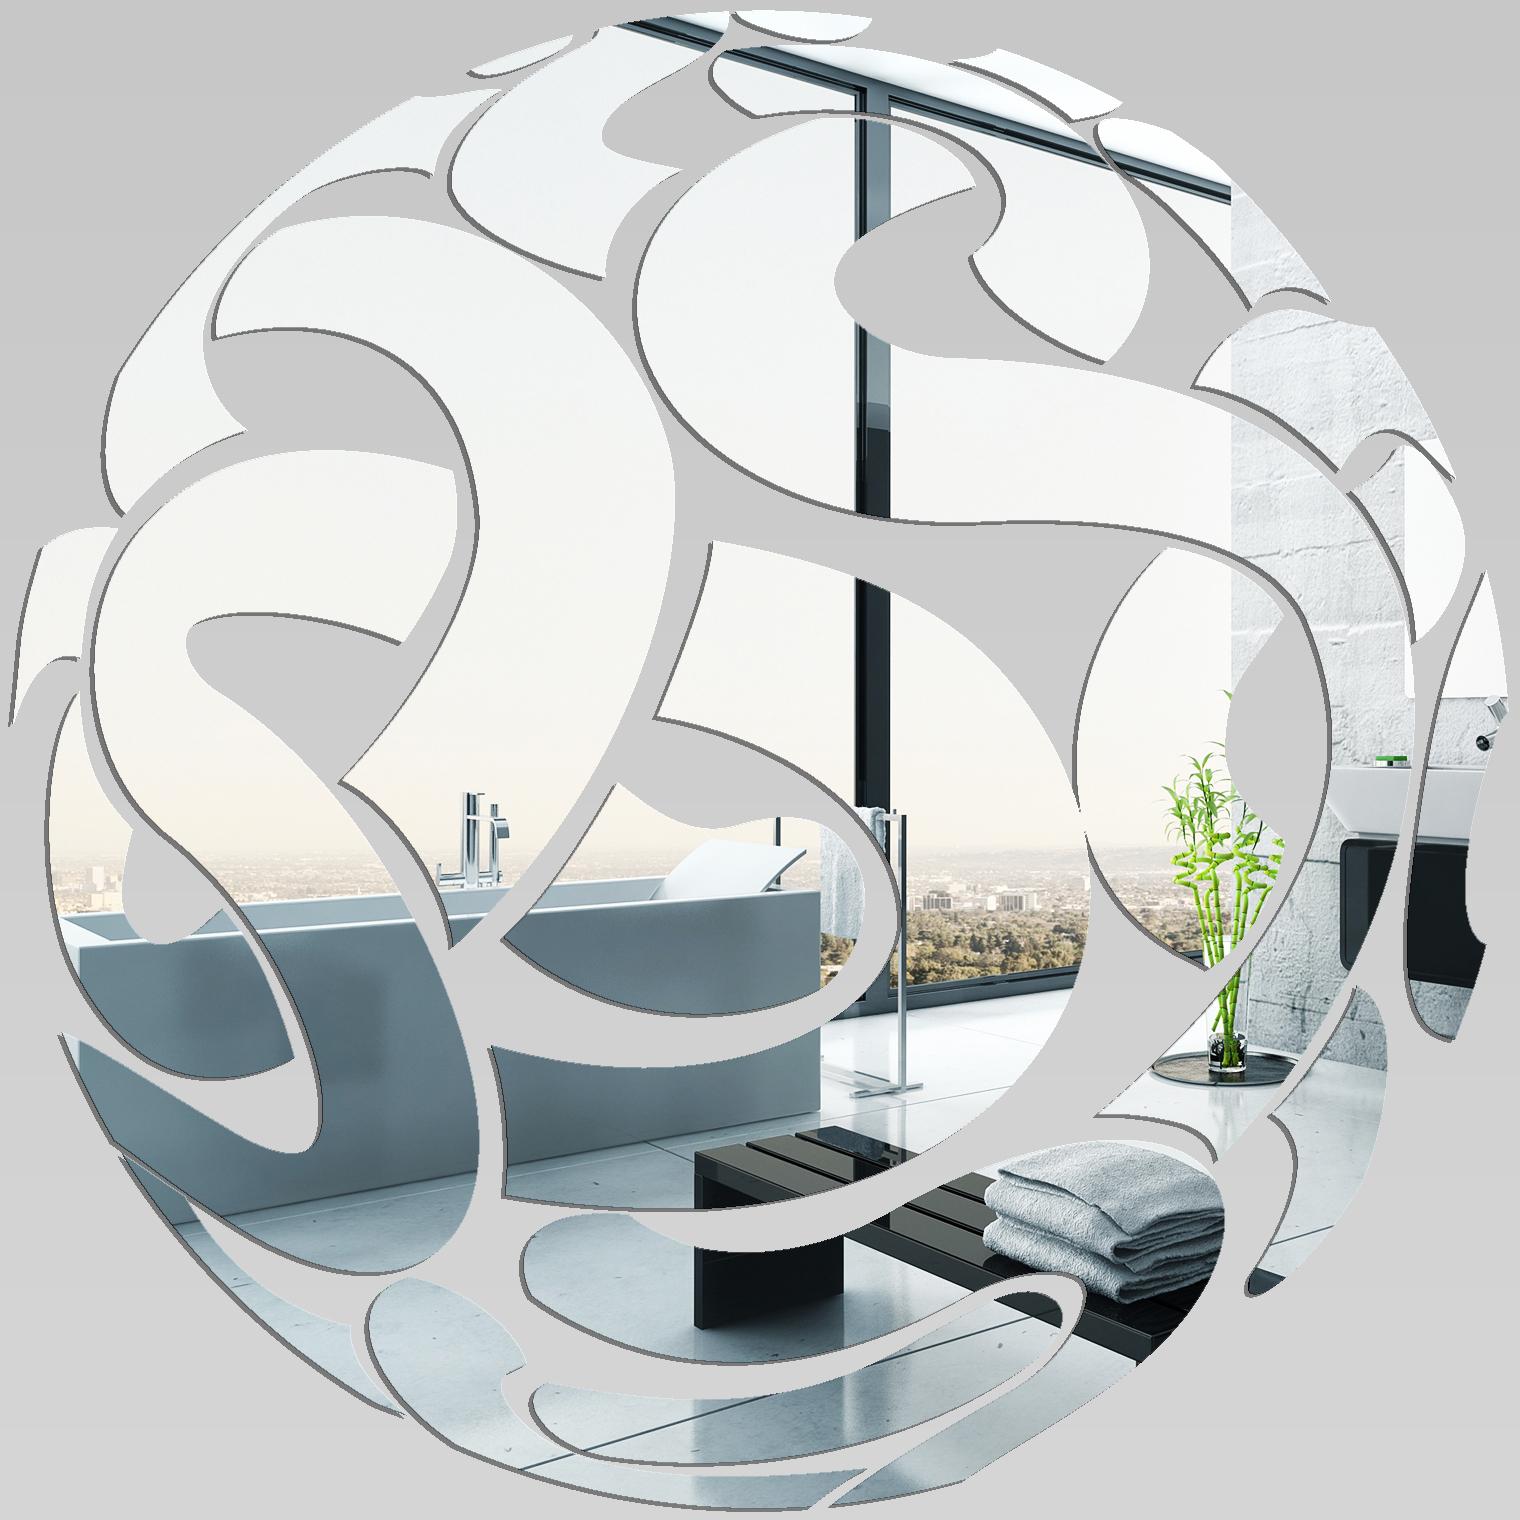 Miroir plexiglass acrylique rond design pas cher - Petit miroir rond pas cher ...